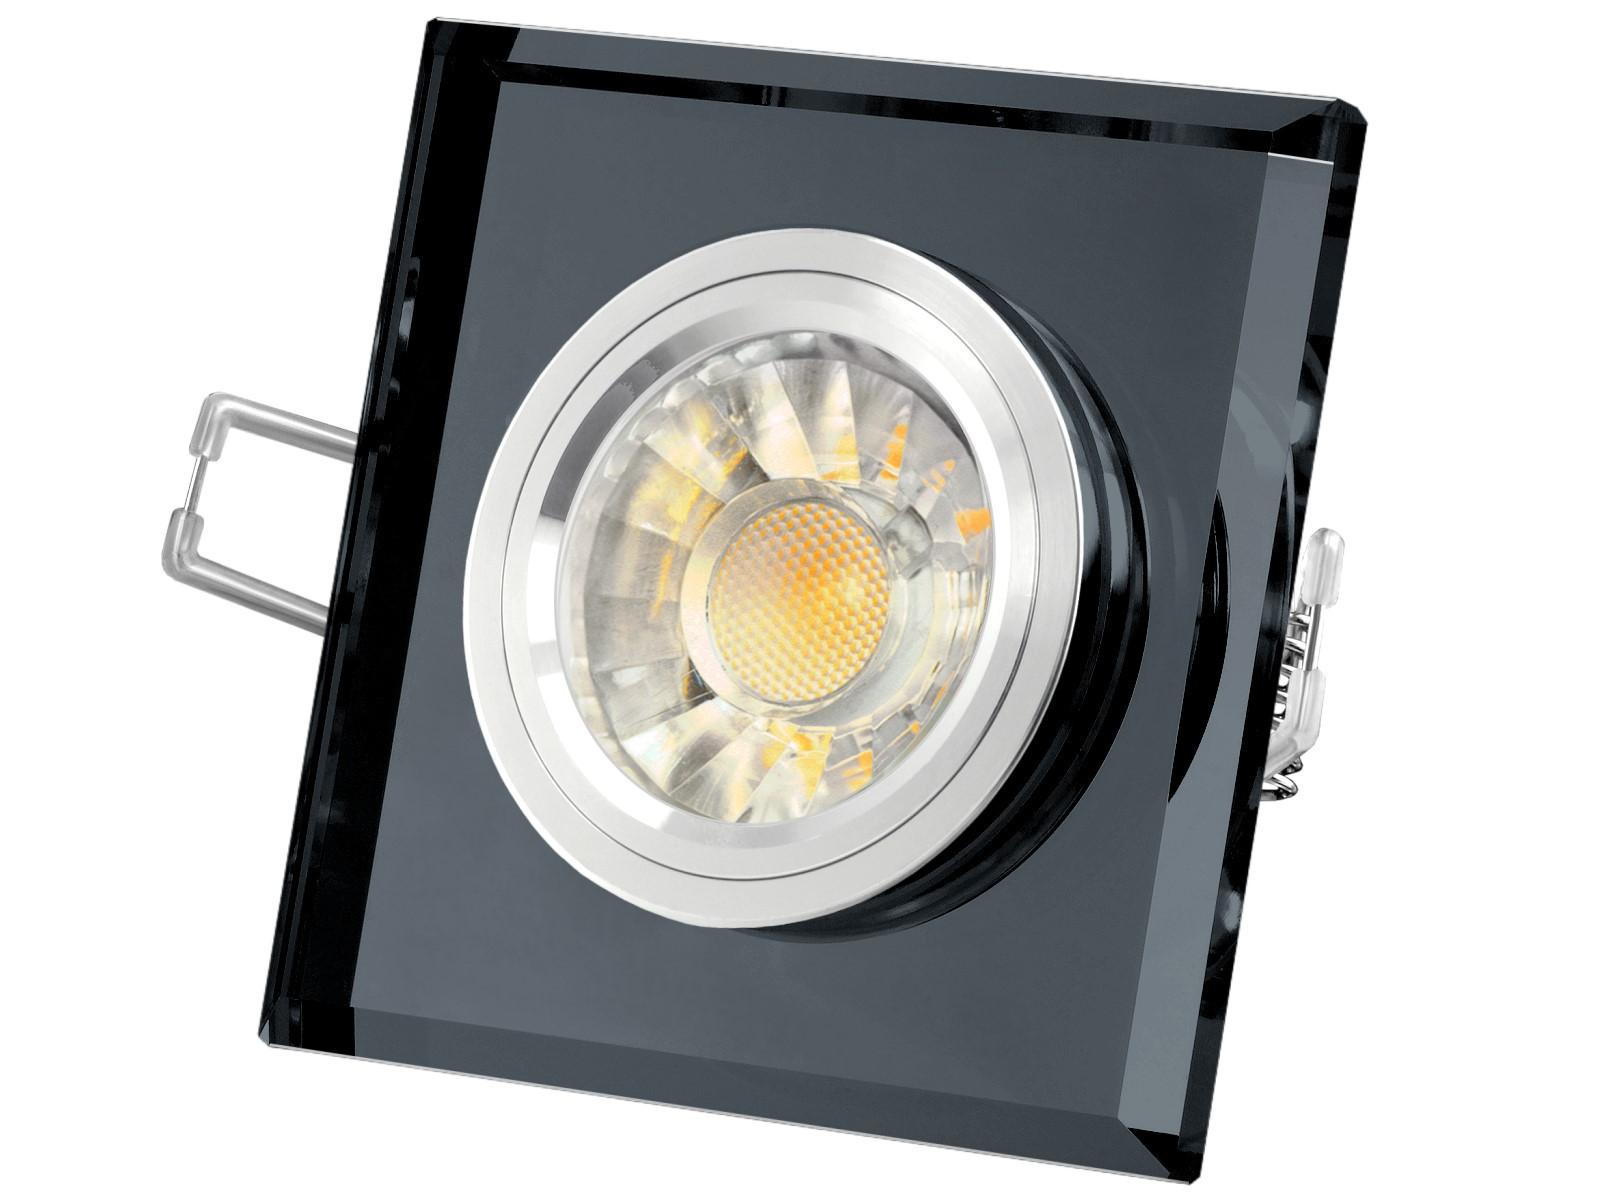 230V LED Glas Einbaustrahler Leuchte schwarz spiegelnd 6W COB LED 38° warmweiß